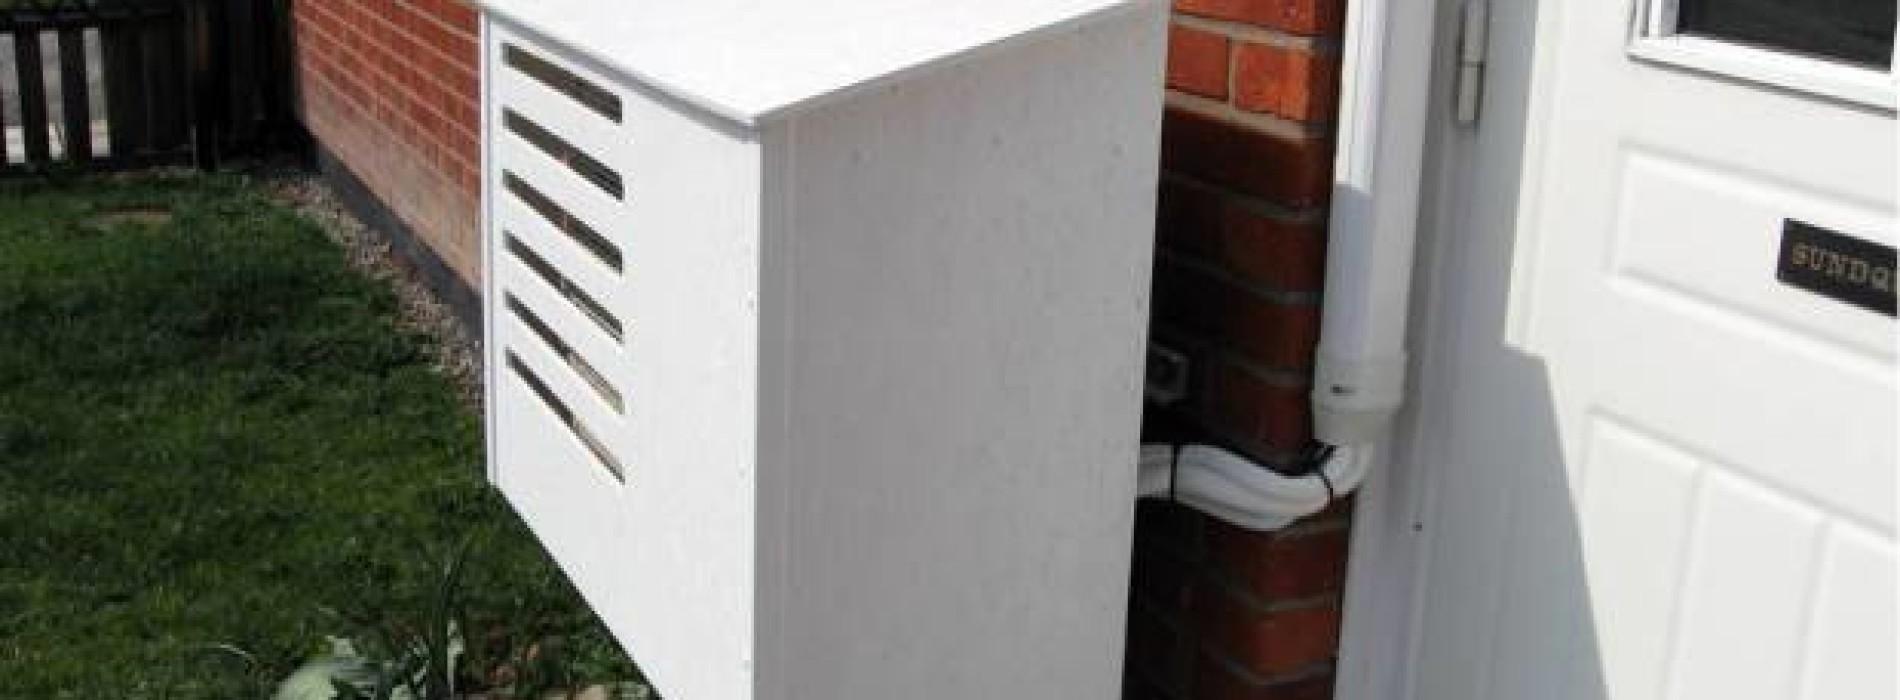 Varmepumpehus er viktig og har en lav pris